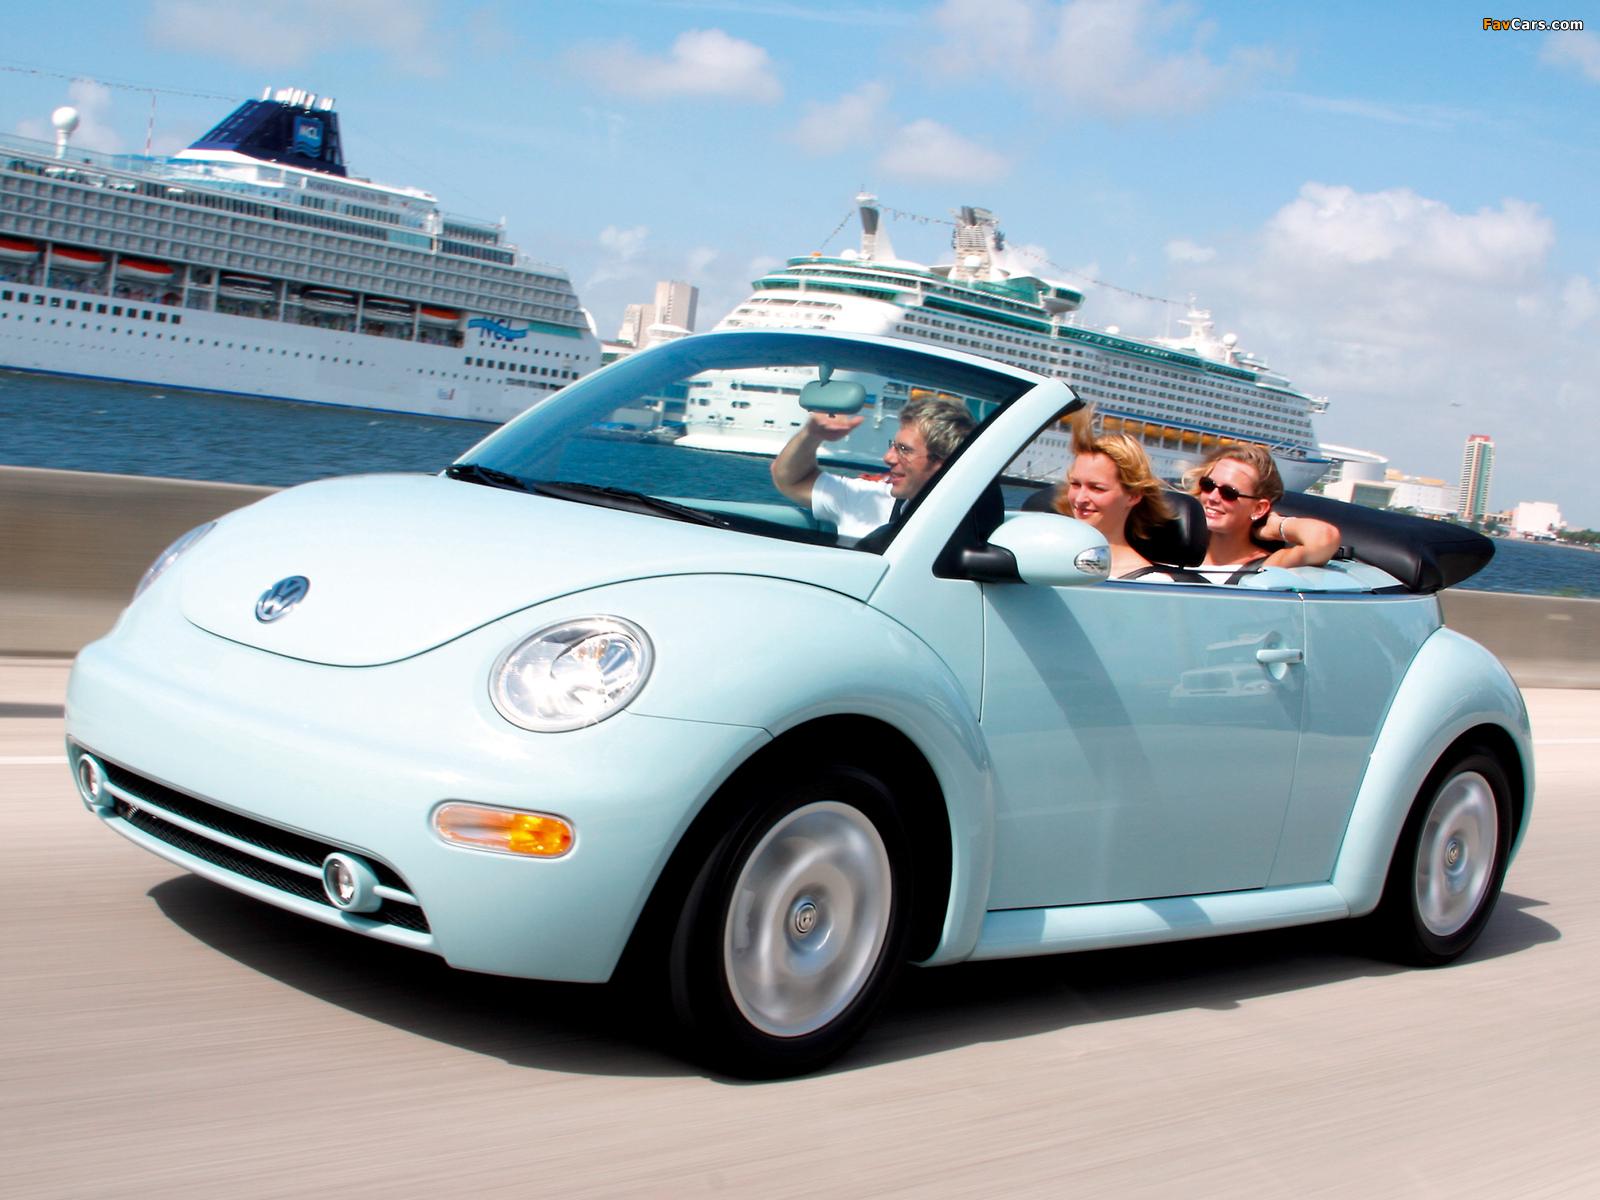 Volkswagen New Beetle Convertible 2000 05 Wallpapers